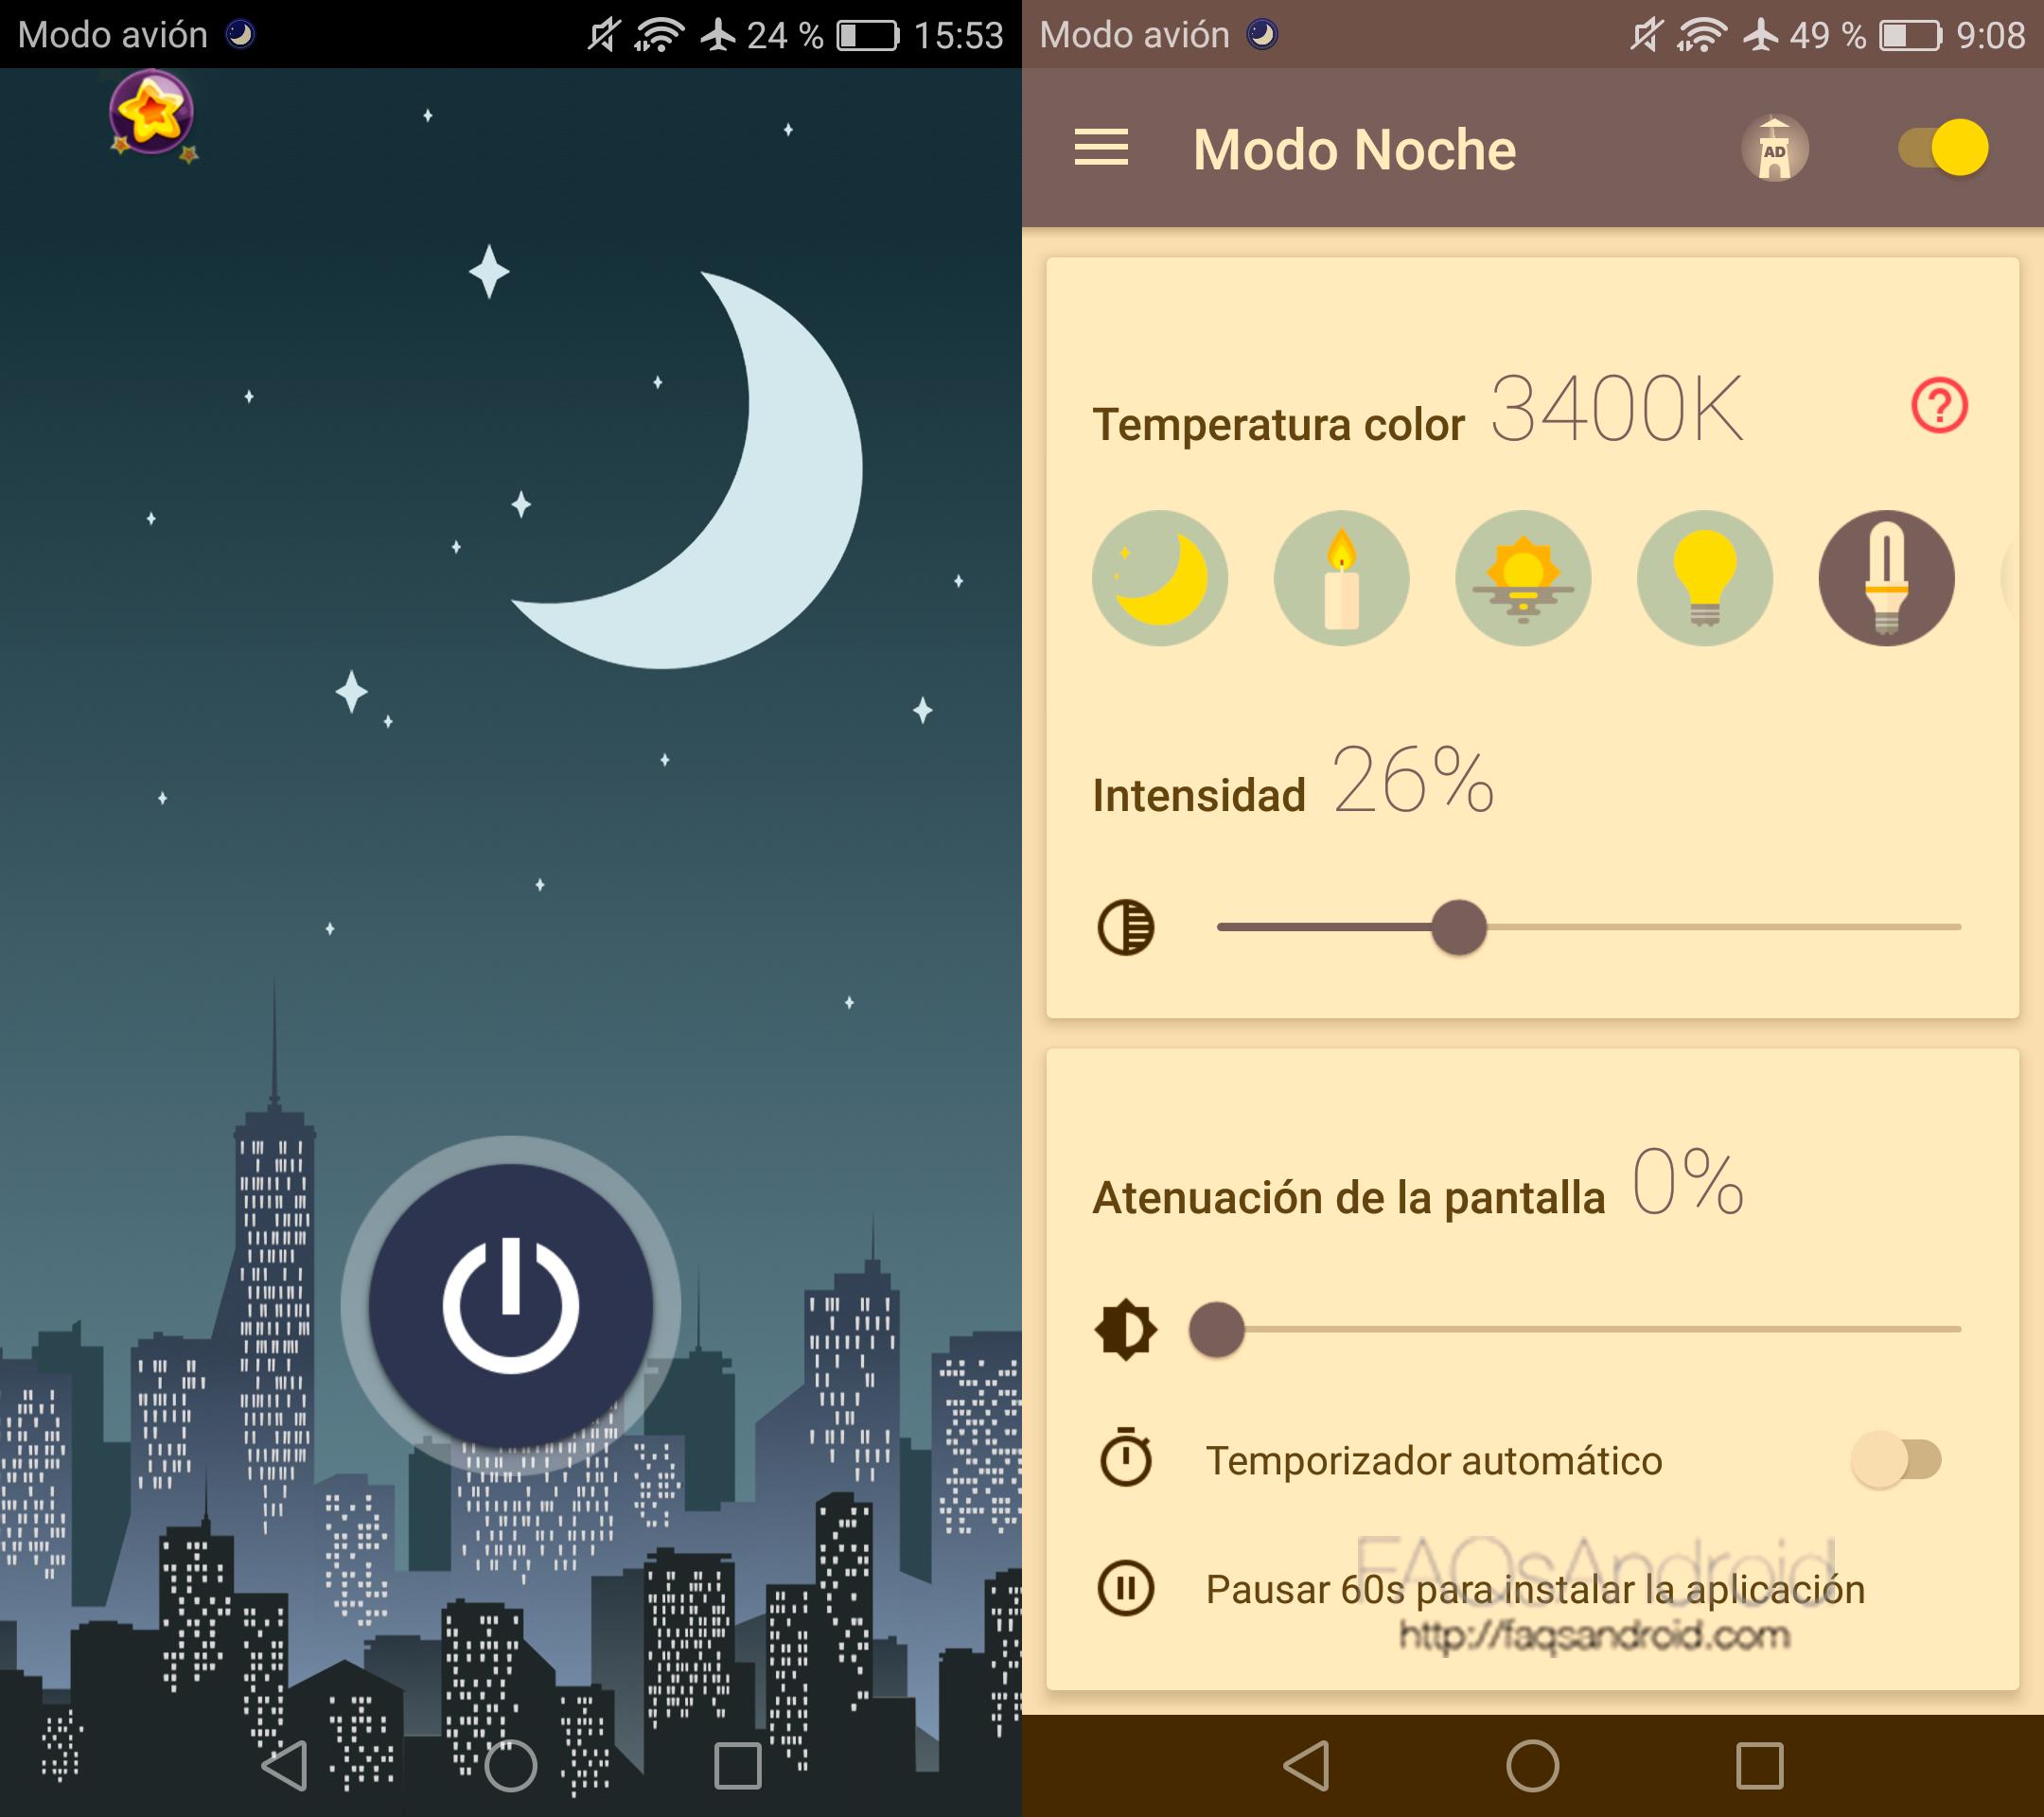 modo noche app